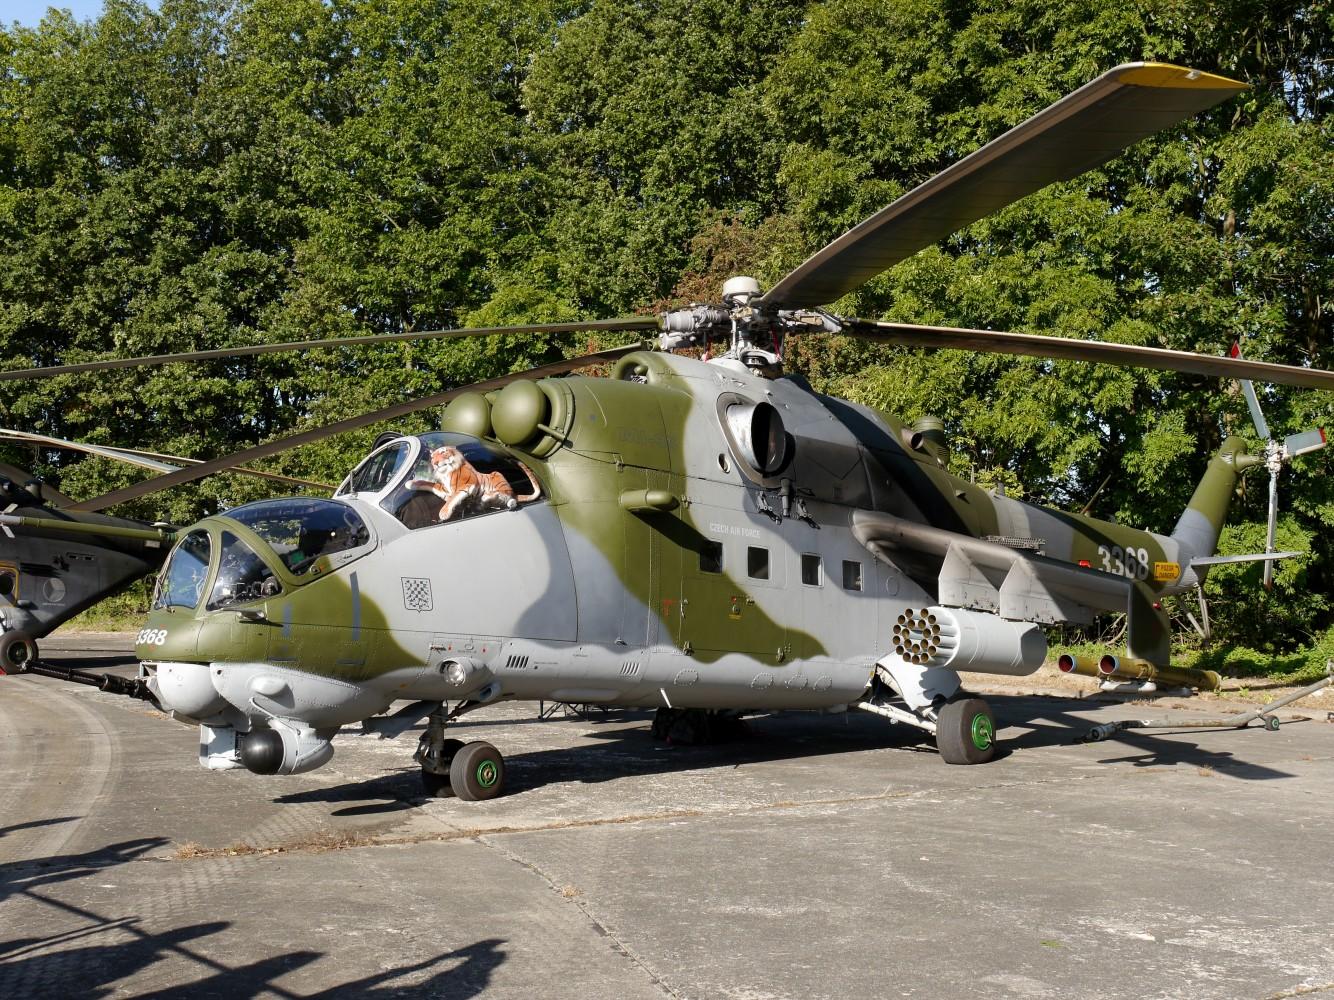 Kliknij obrazek, aby uzyskać większą wersję  Nazwa:Mi-24V.jpg Wyświetleń:24 Rozmiar:590,7 KB ID:224049